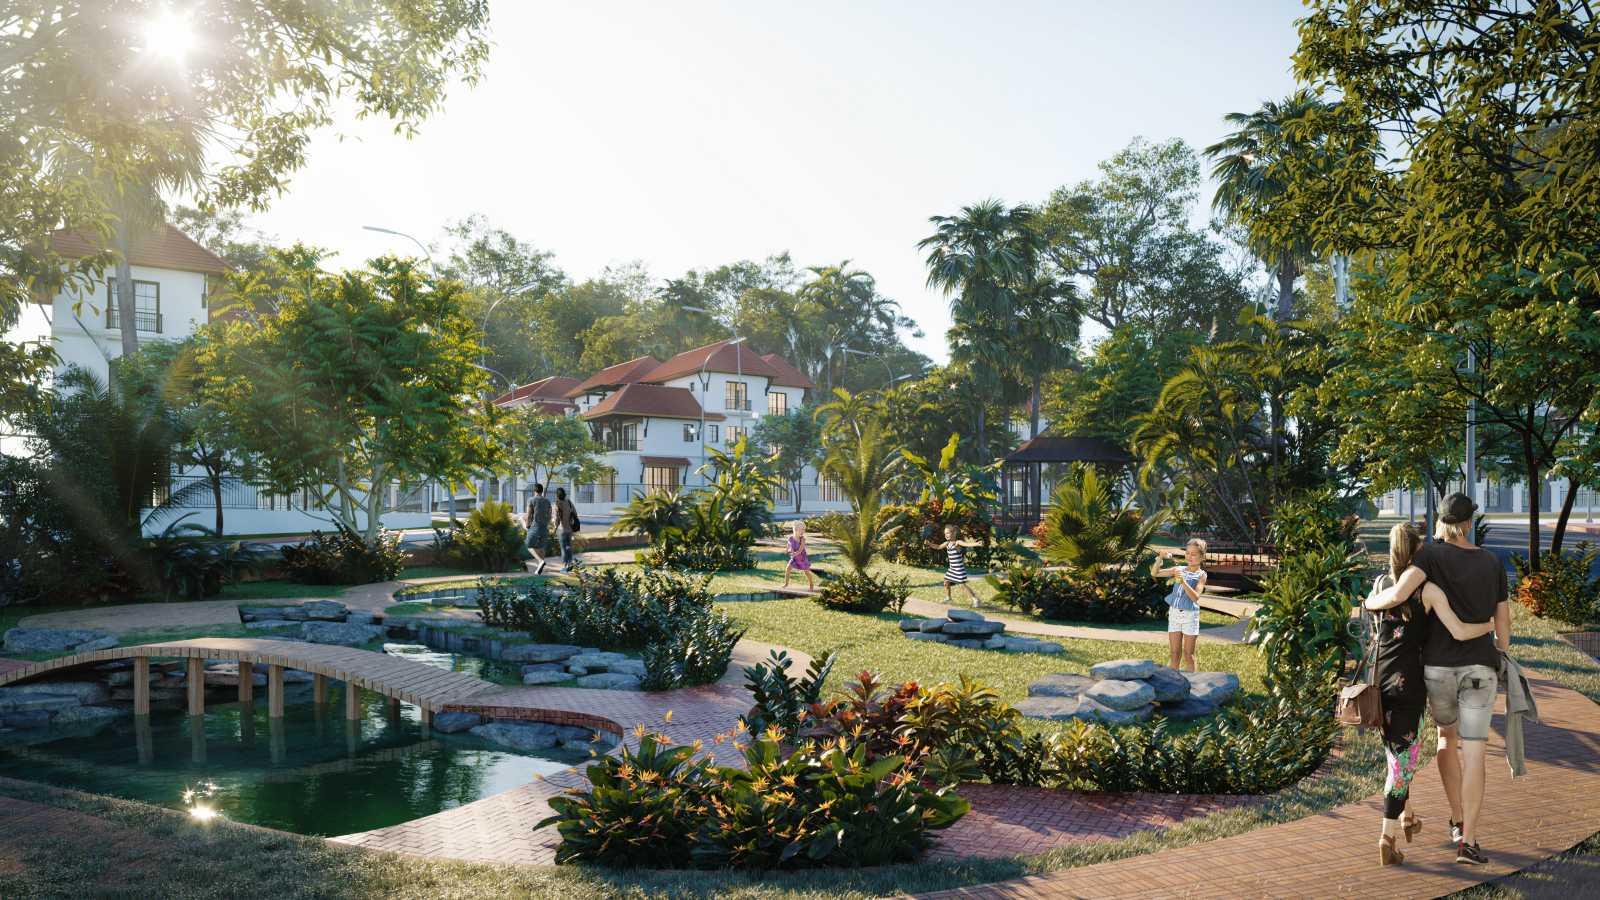 Phân khu Tropical Park sở hữu 3 trong 4 công viên của toàn dự án. (Ảnh phối cảnh minh họa)